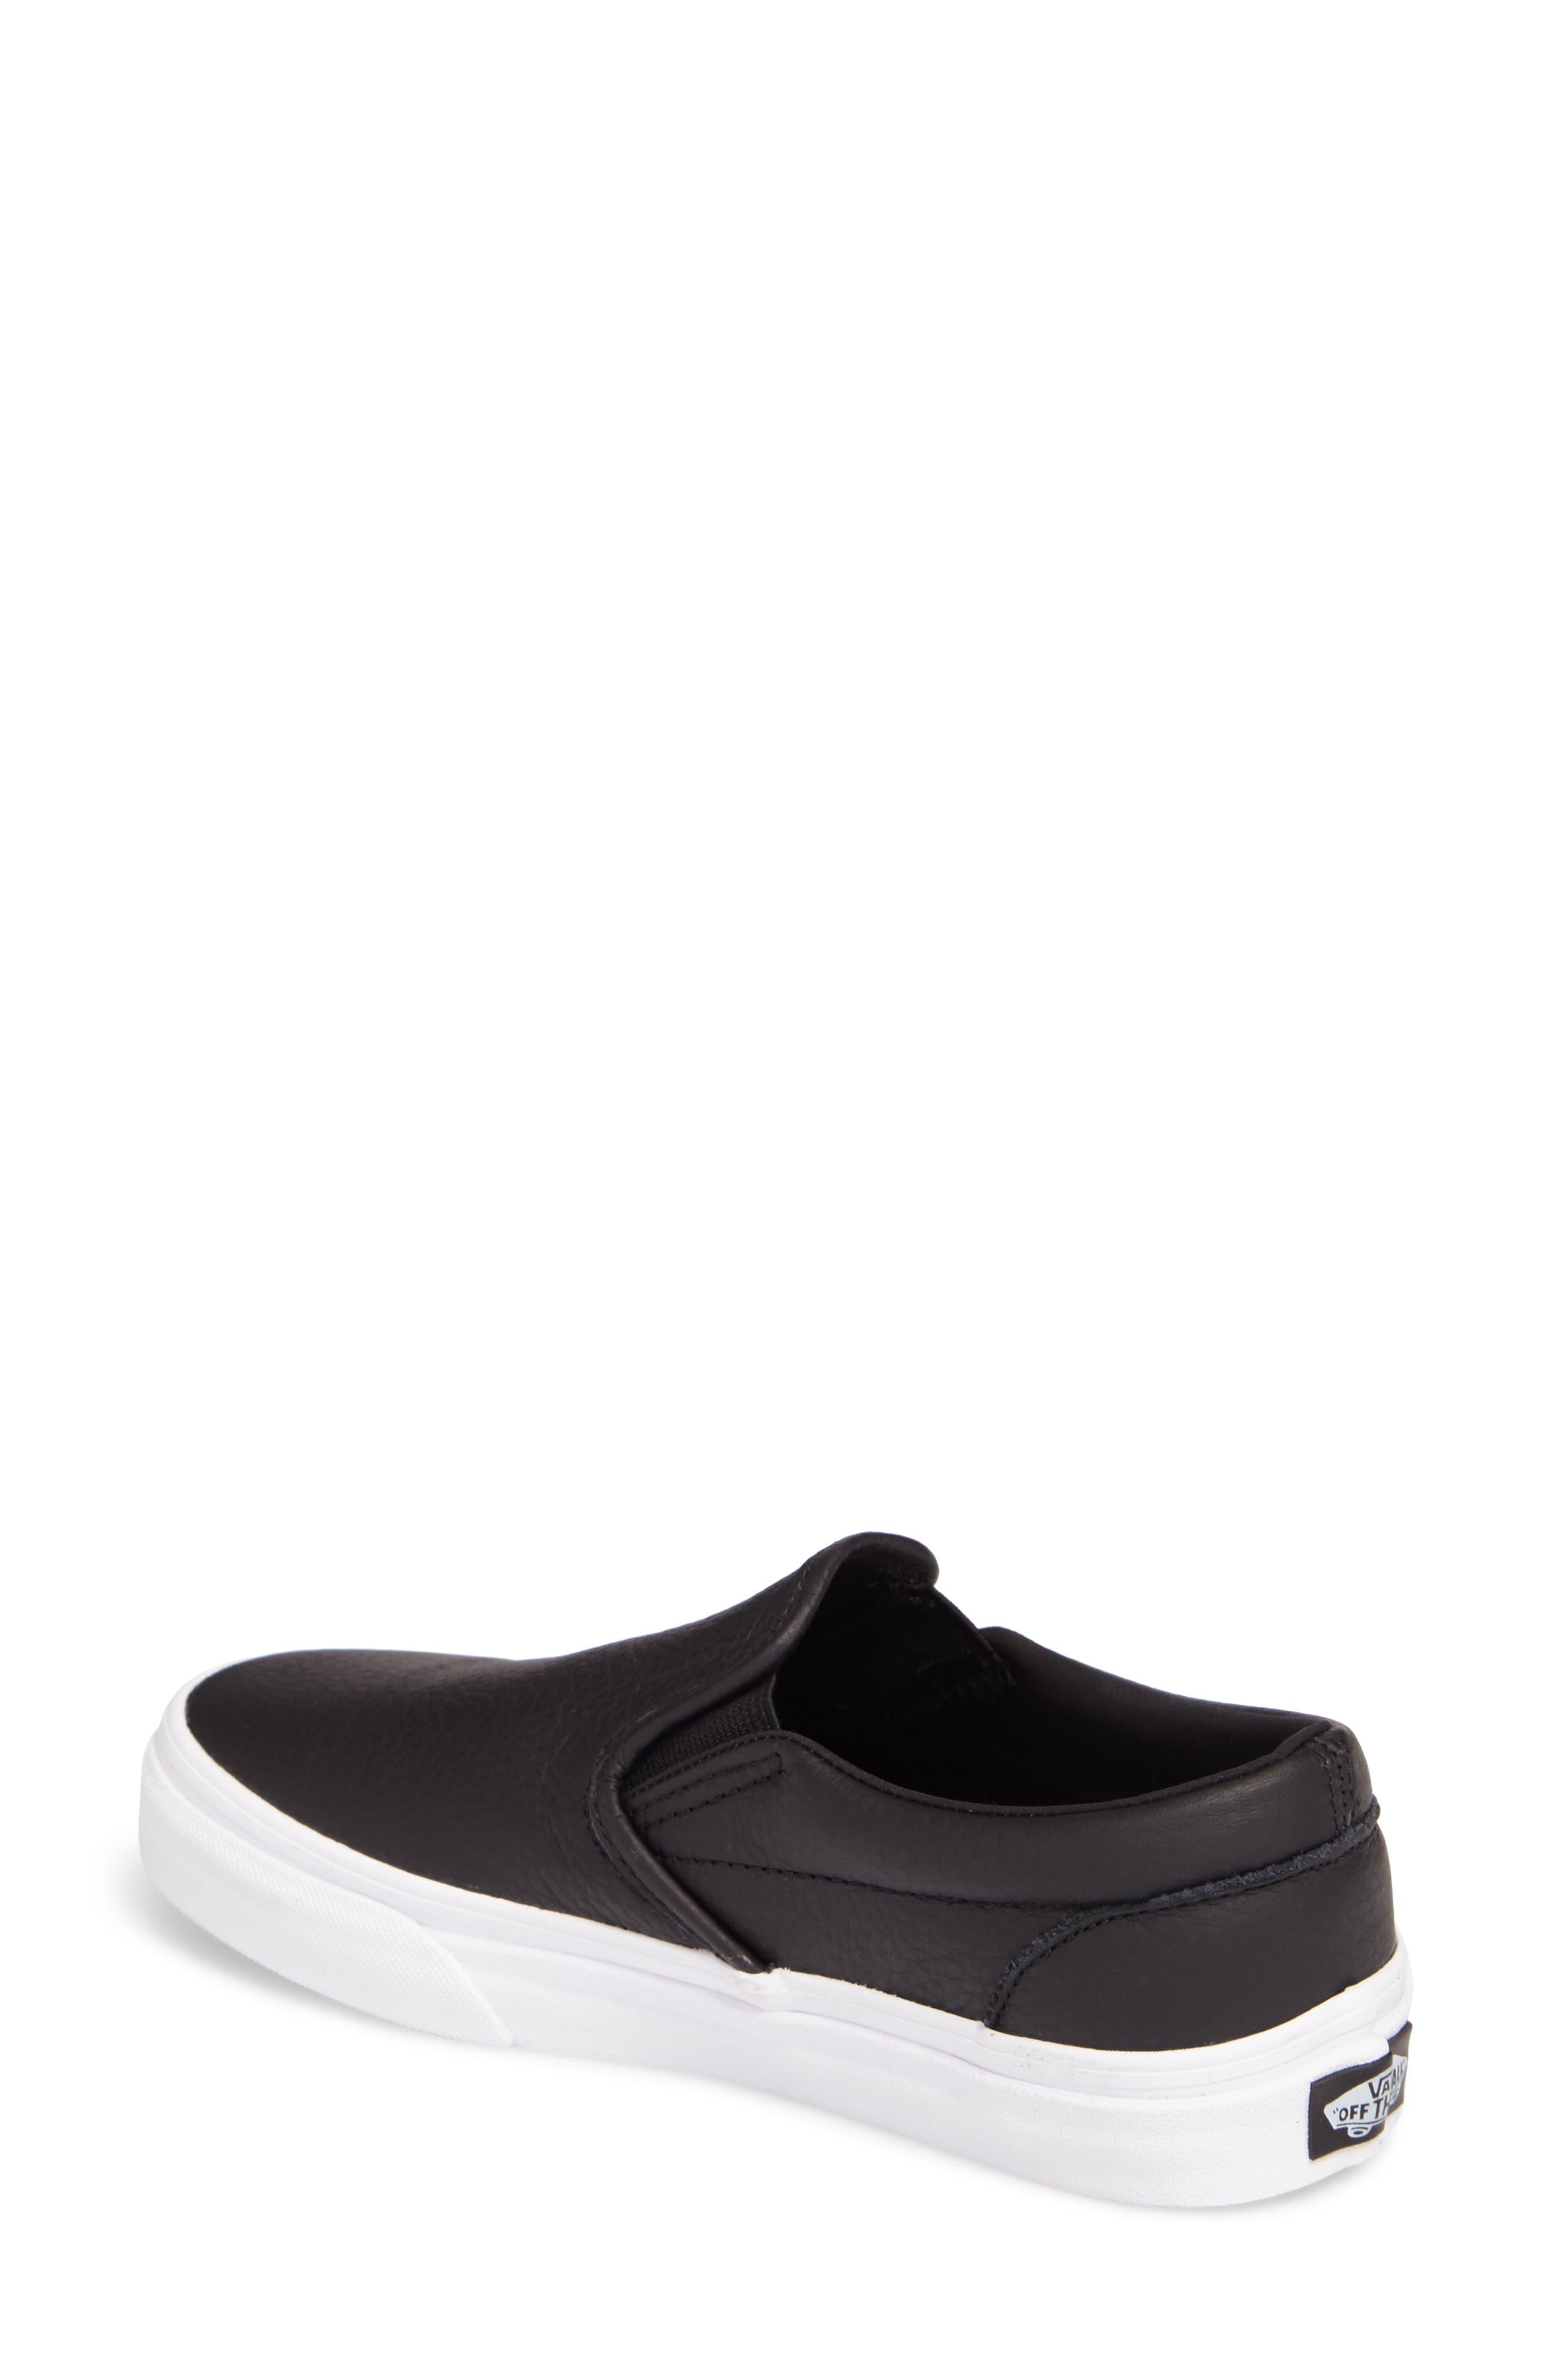 Classic Slip-On Sneaker,                             Alternate thumbnail 2, color,                             BLACK/ TRUE WHITE